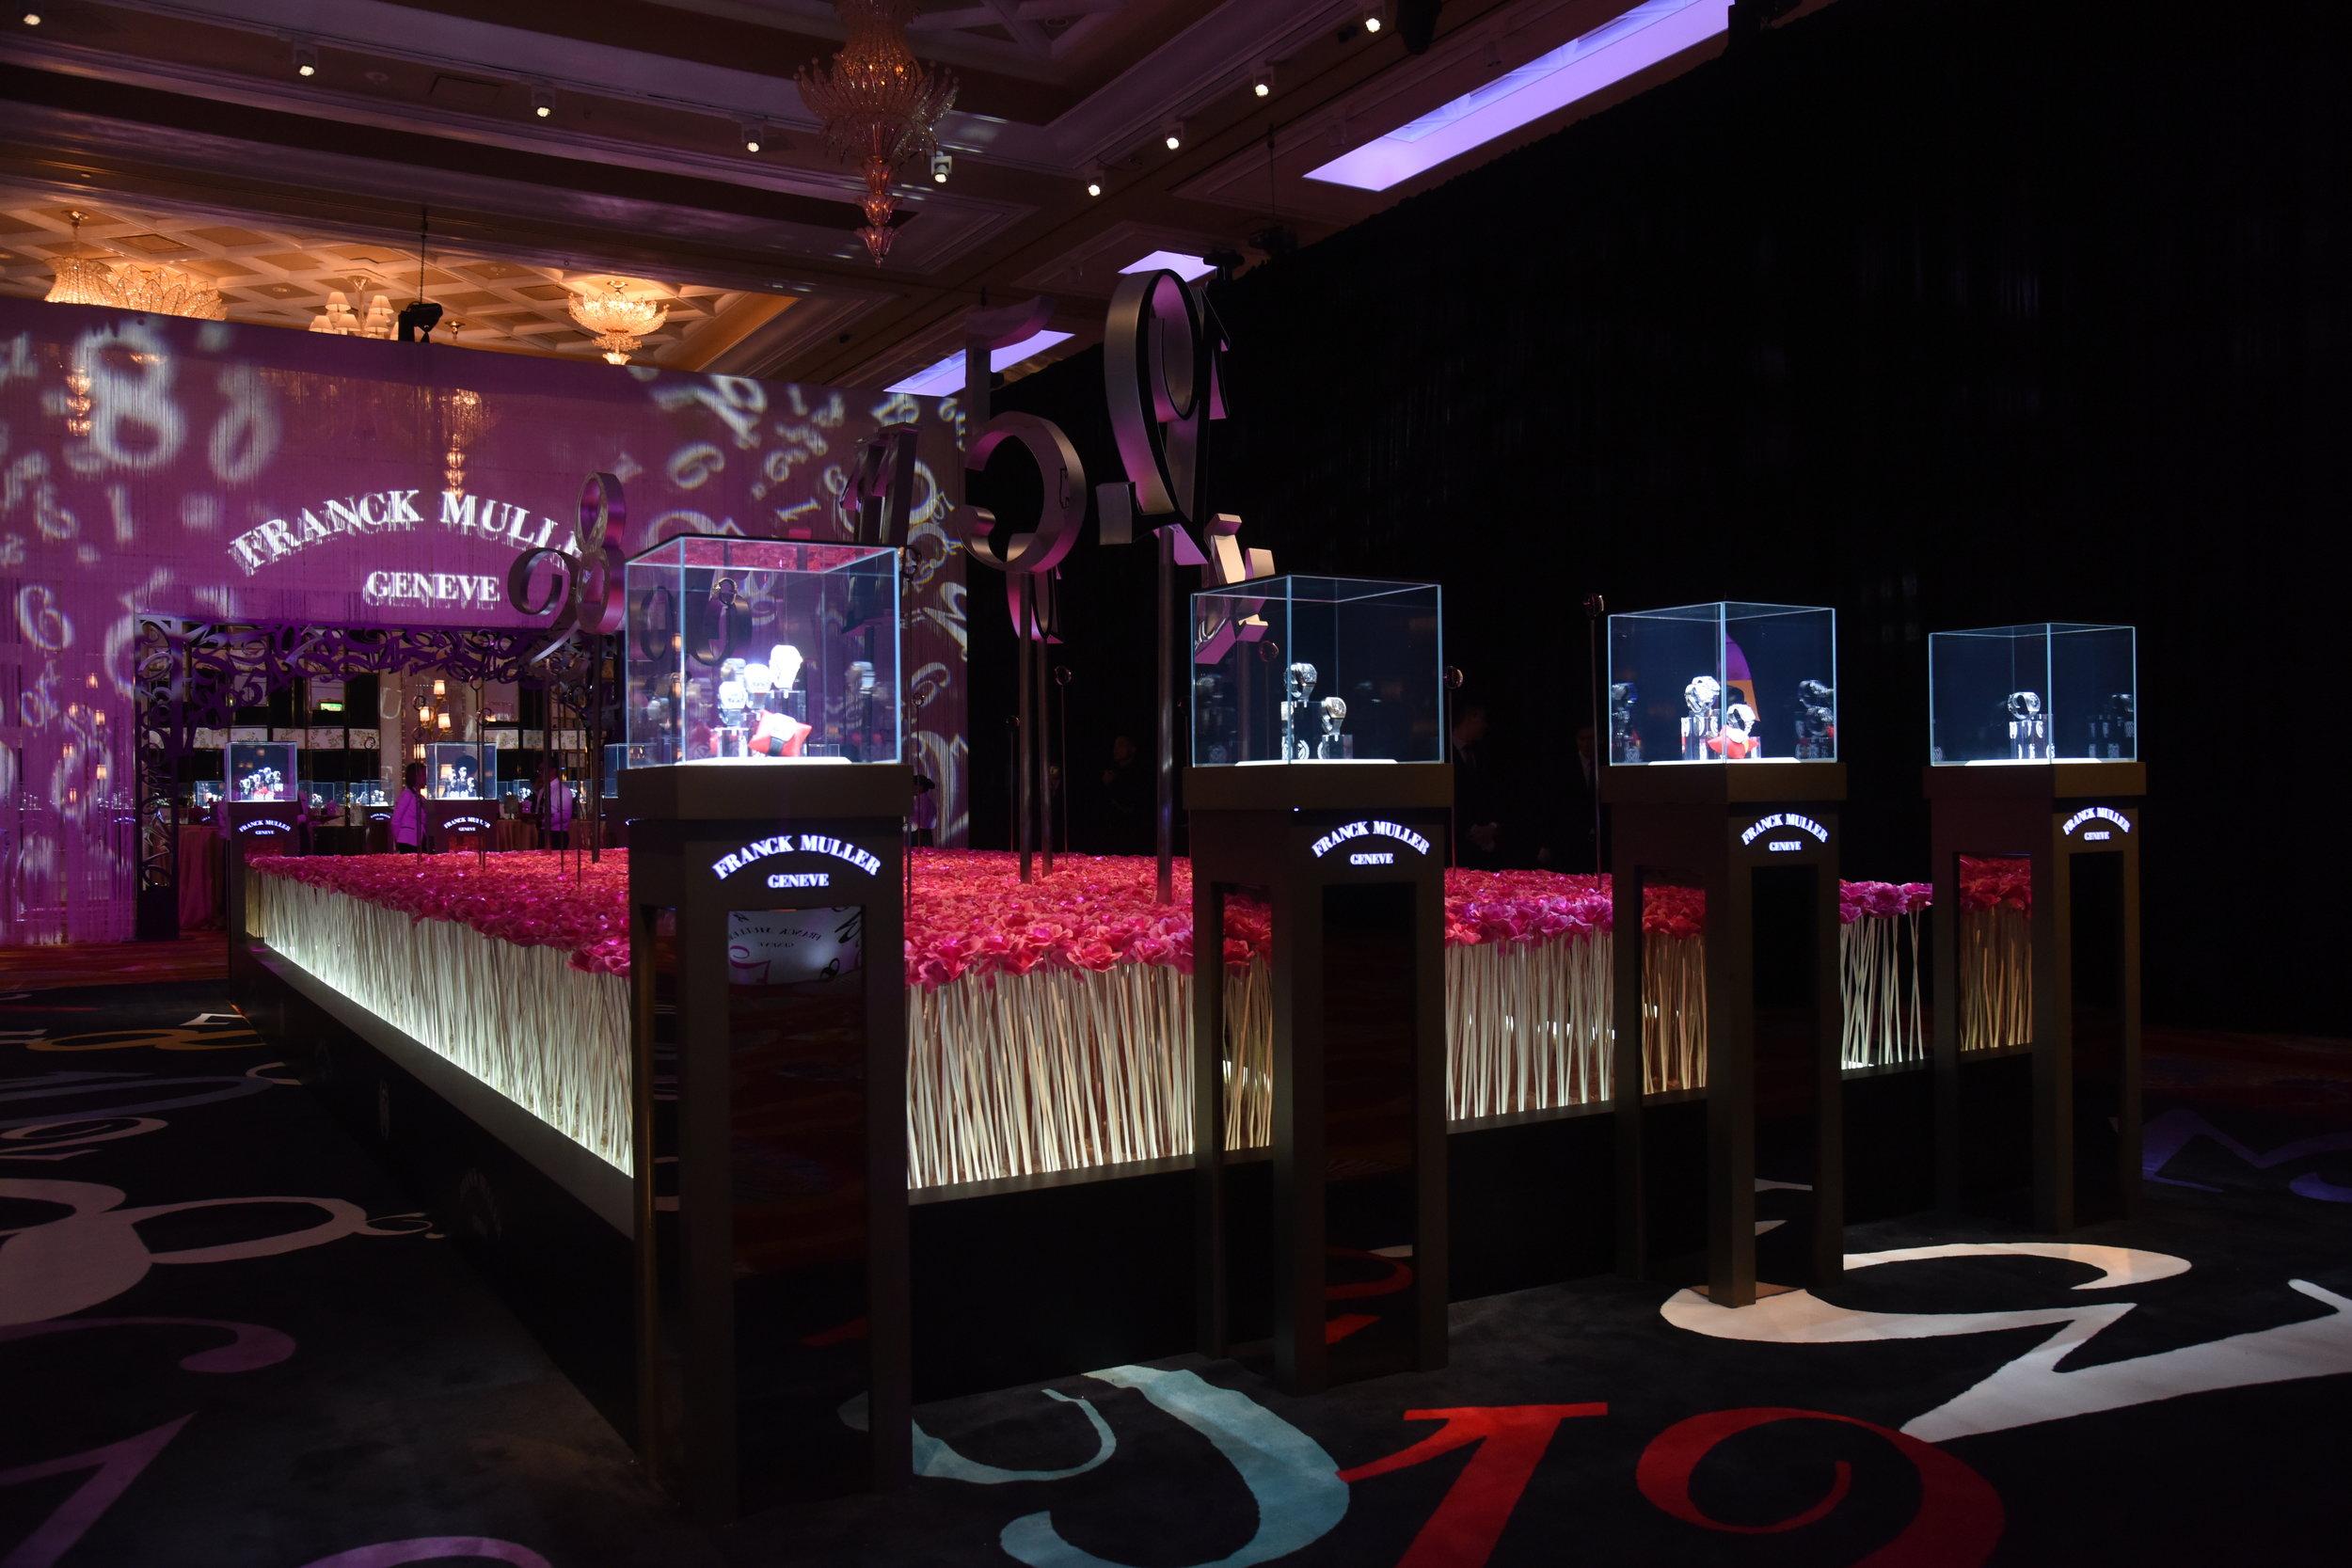 55. FRANCK MULLER®在場內中央位置設置長達超過30呎的玫瑰花海並展出多款極至奢華名錶.JPG